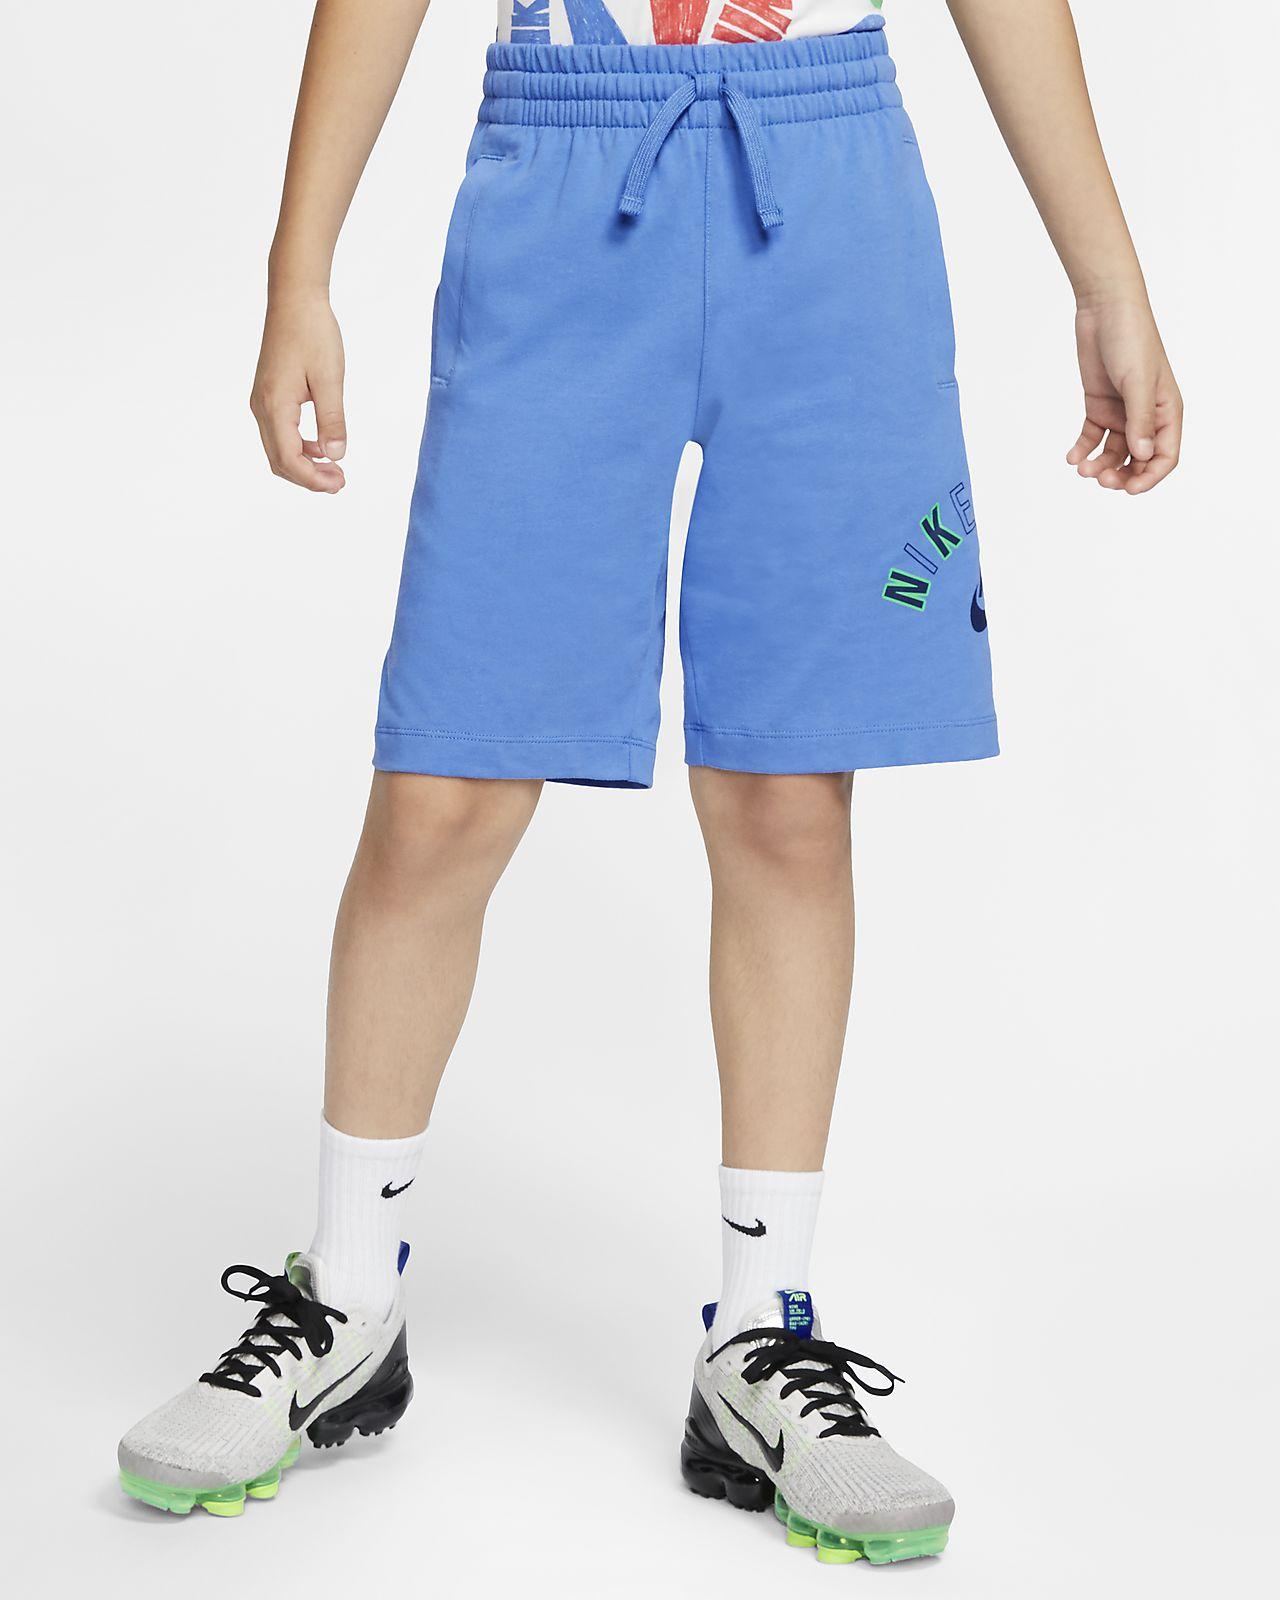 กางเกงขาสั้นเจอร์ซีย์เด็กโต Nike Sportswear (ชาย)